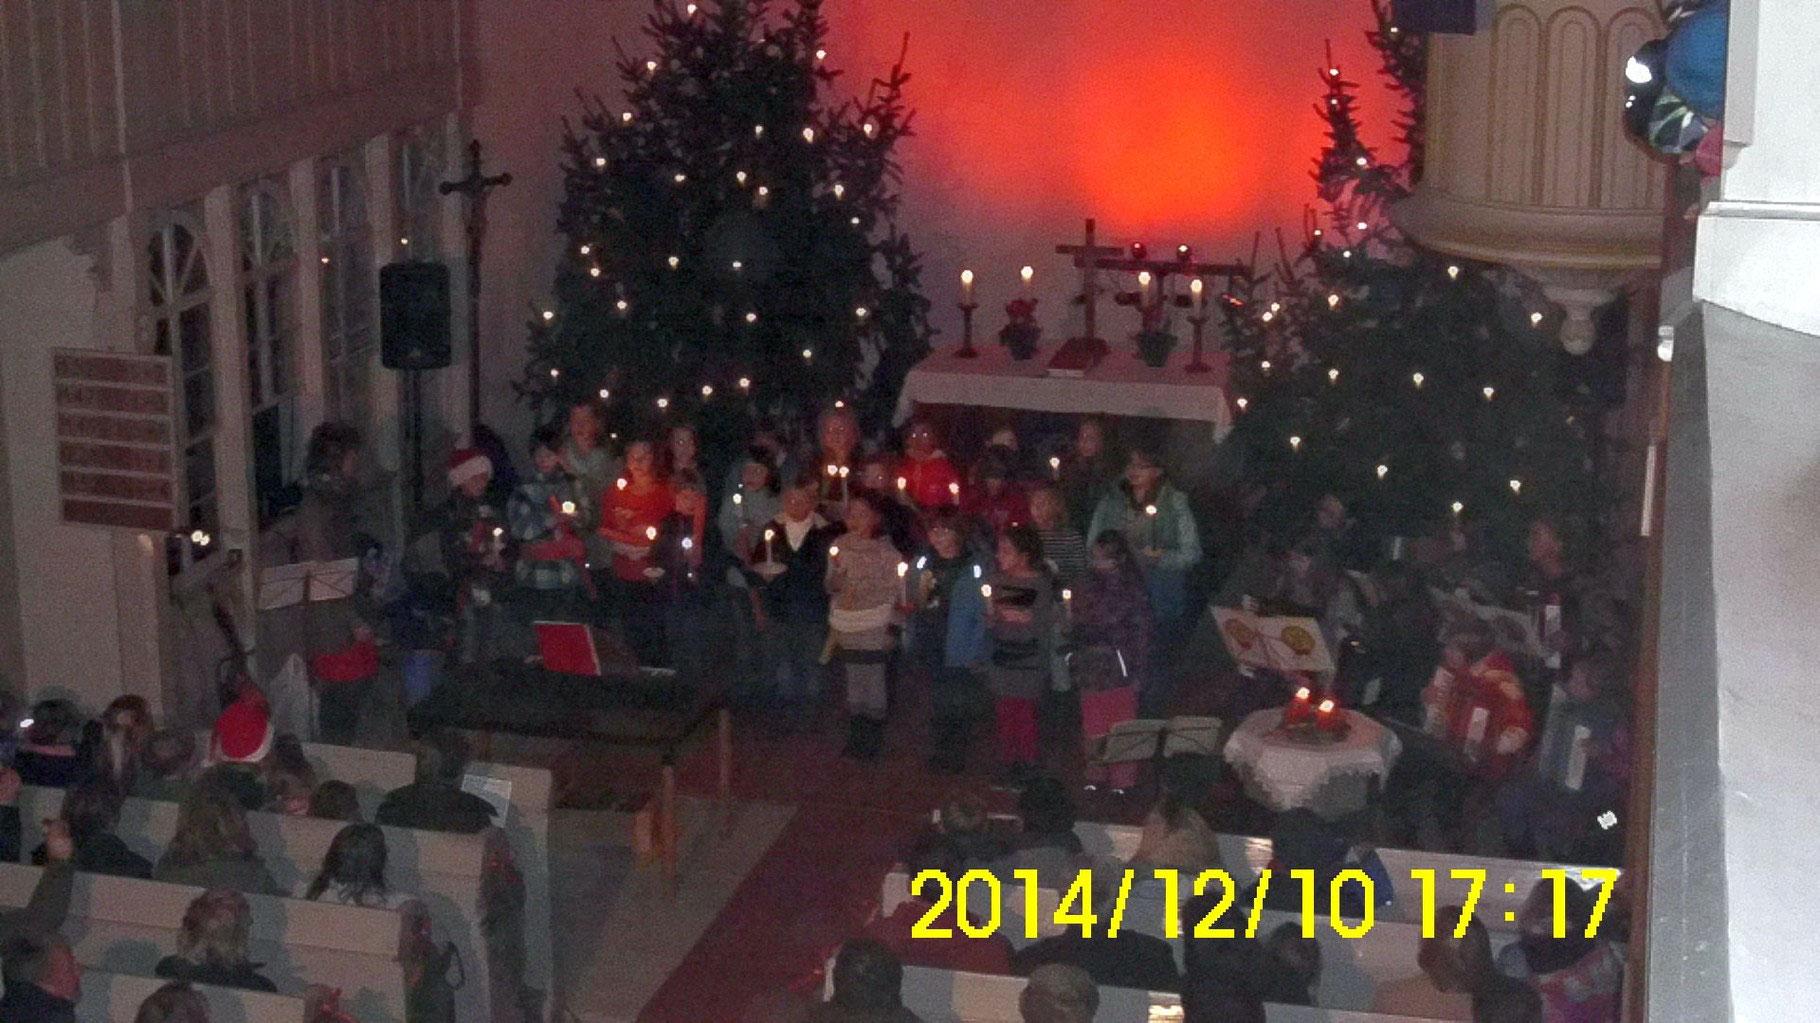 Bilder Und Berichte Aus Dem Jahr 2014 November Bis Dezember